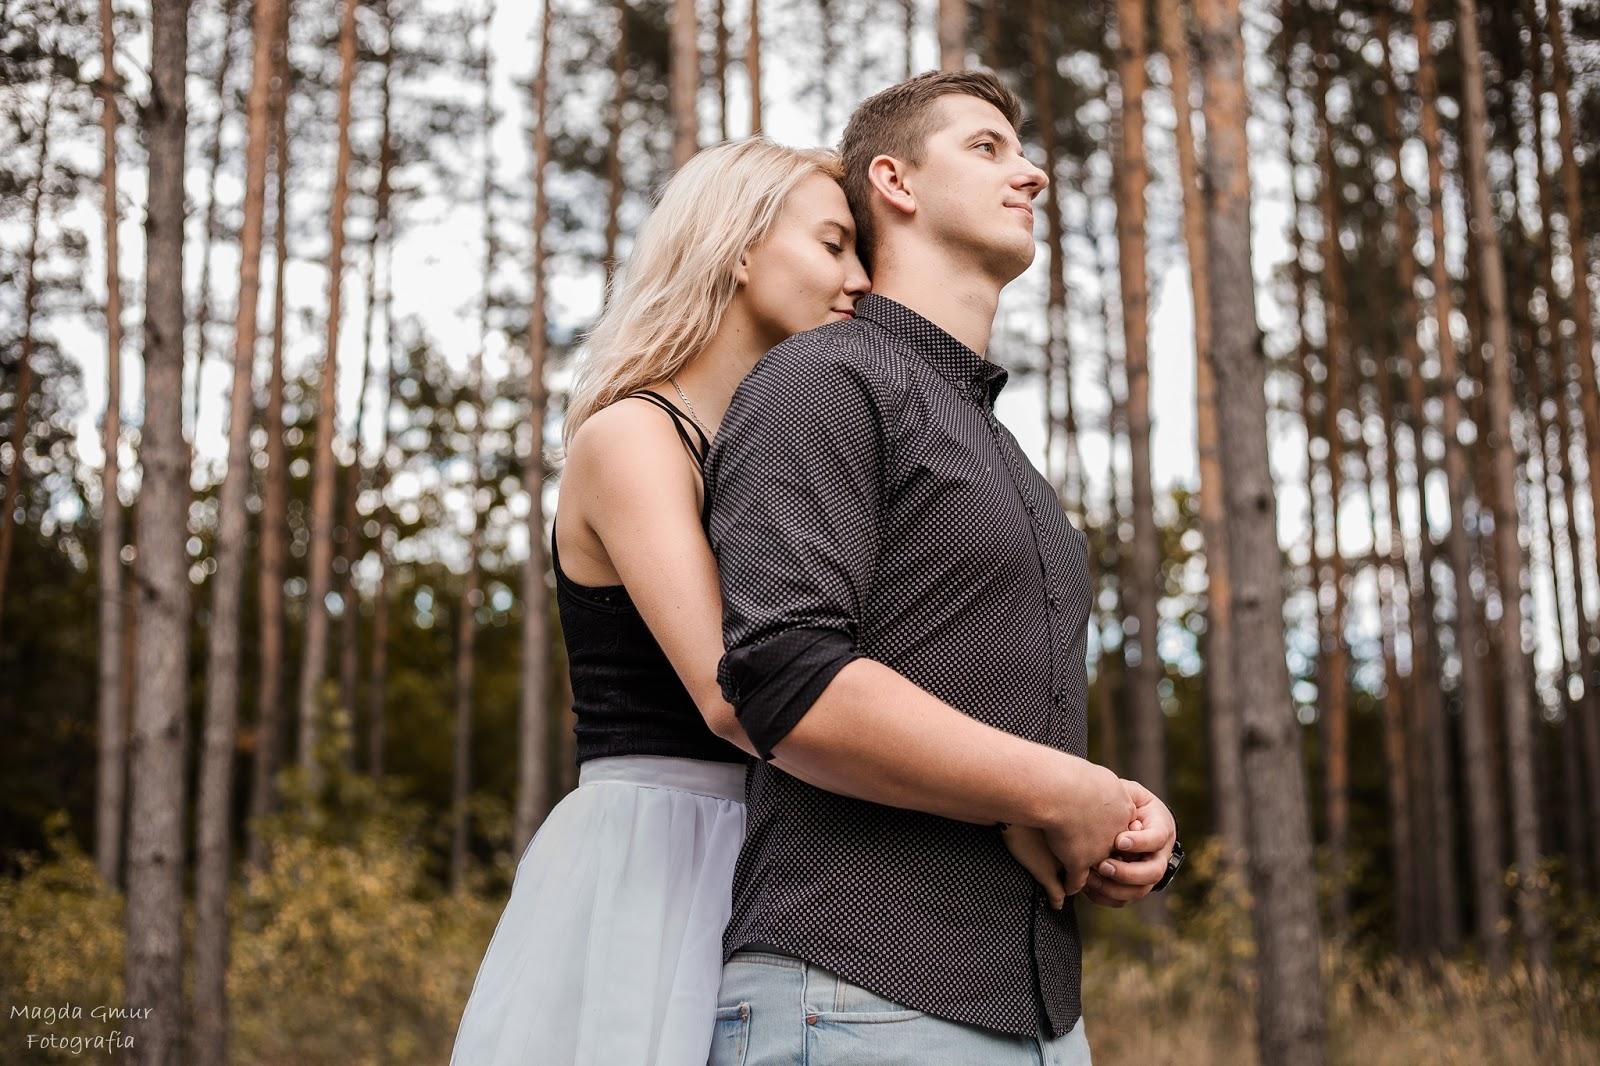 sesja zakochanych, zdjecia pary, plener, fotograf opoczno, najlepszy fotograf w opocznie, fotograf slubny opoczno, fotograf slubny lublin, sesja w lesie, zakochani, magda gmur foto